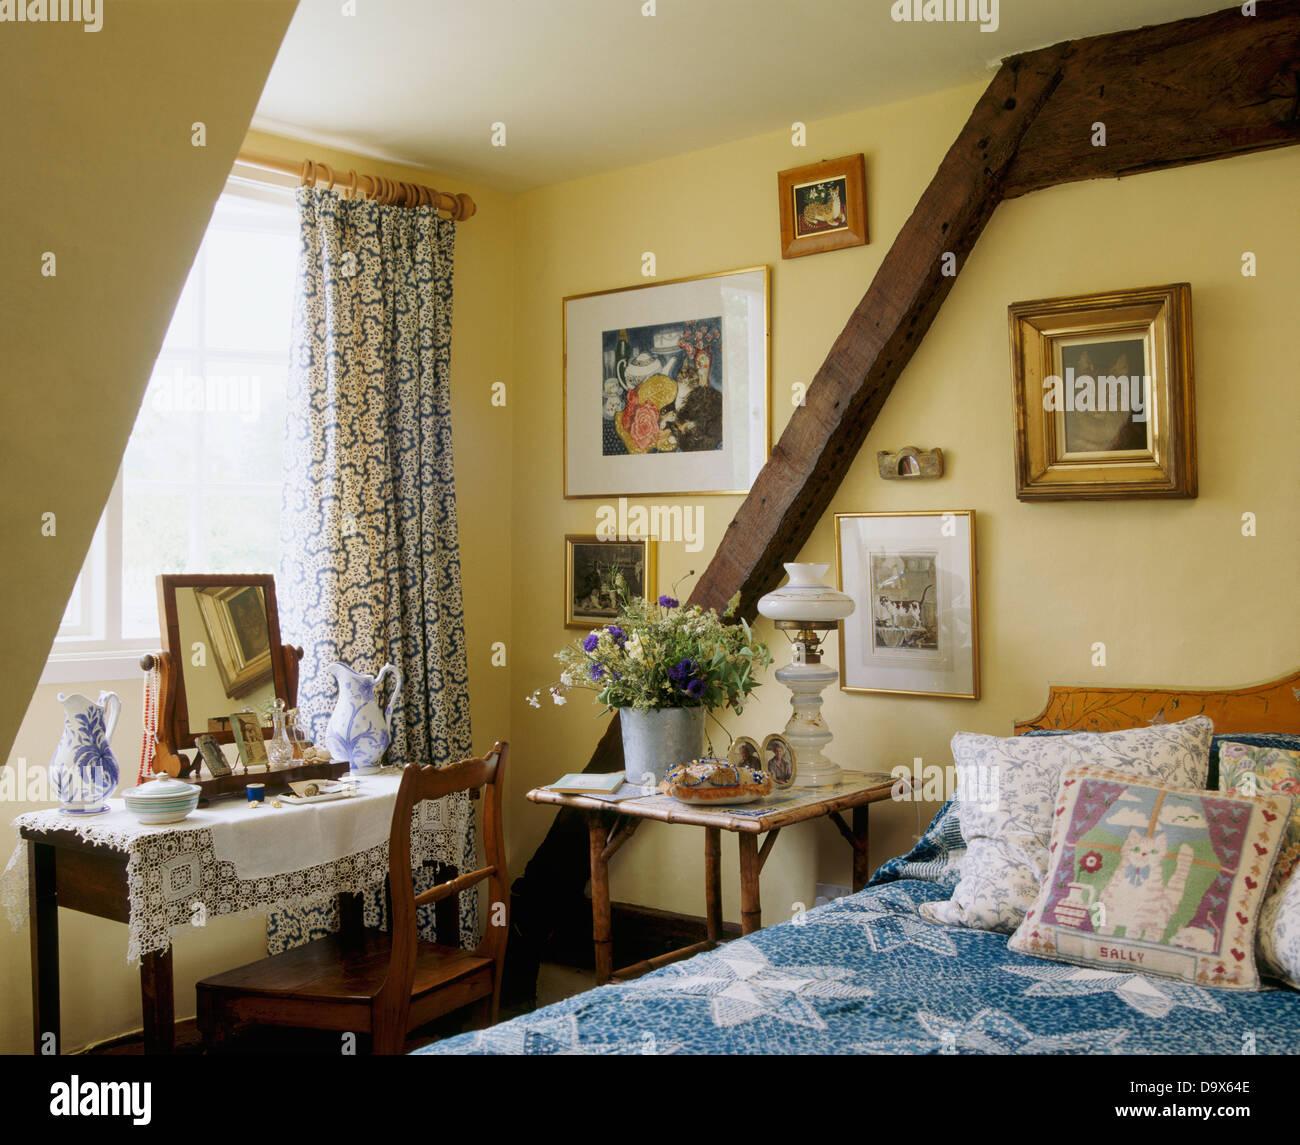 Hund Schläft Auf Bett Mit Kissen Und Blaue Abdeckung Im Ferienhaus  Schlafzimmer Mit Holzwand Strahl Und Dressing Tisch Vor Fenster